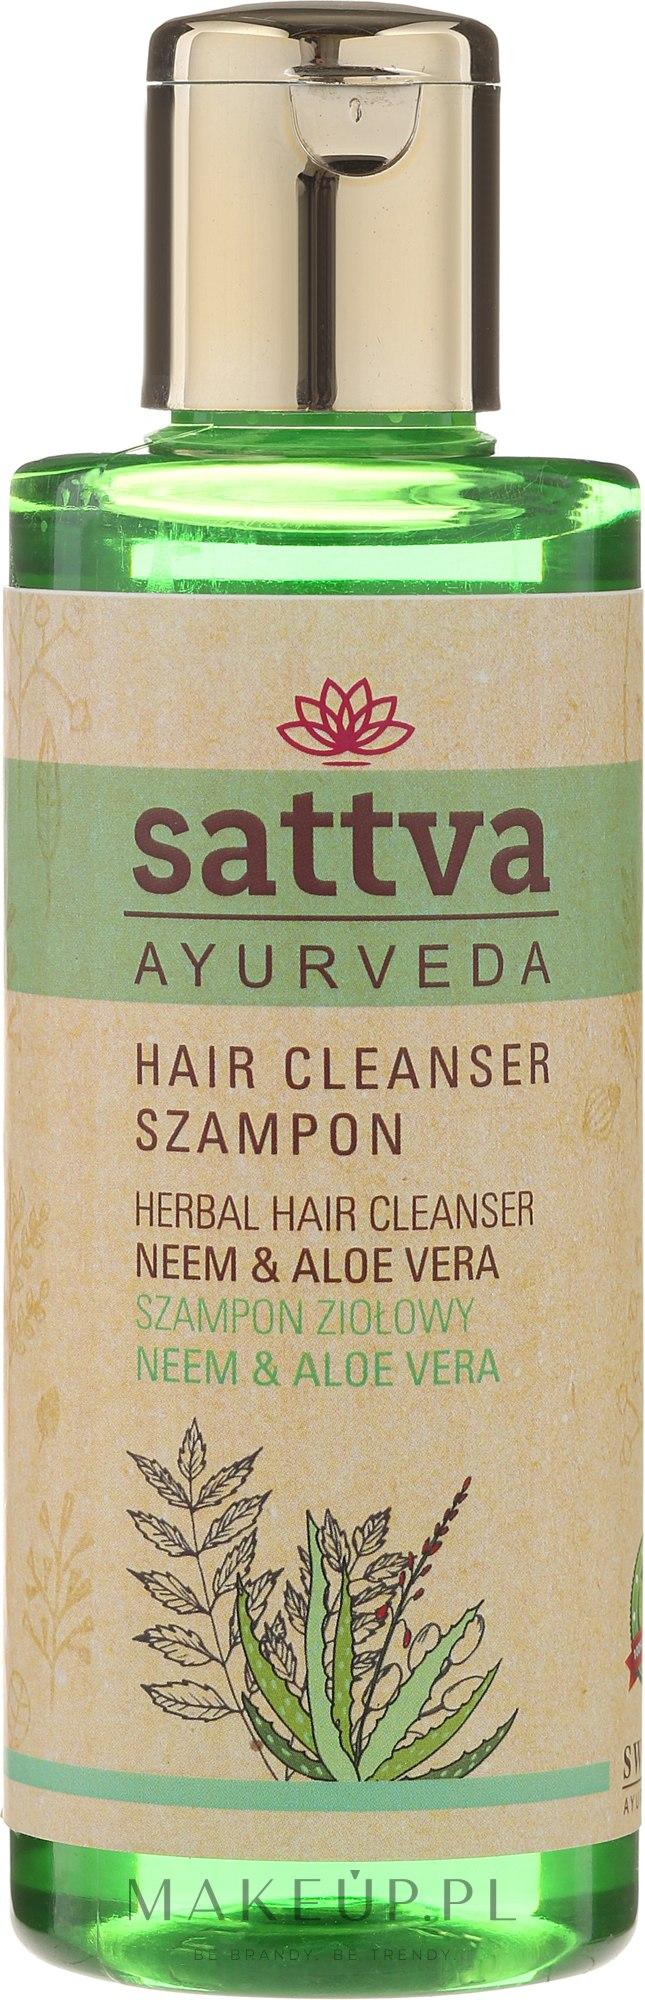 Ziołowy szampon do włosów Neem i aloes - Sattva Cleanser Shampoo Neem Aloe Vera — фото 210 ml